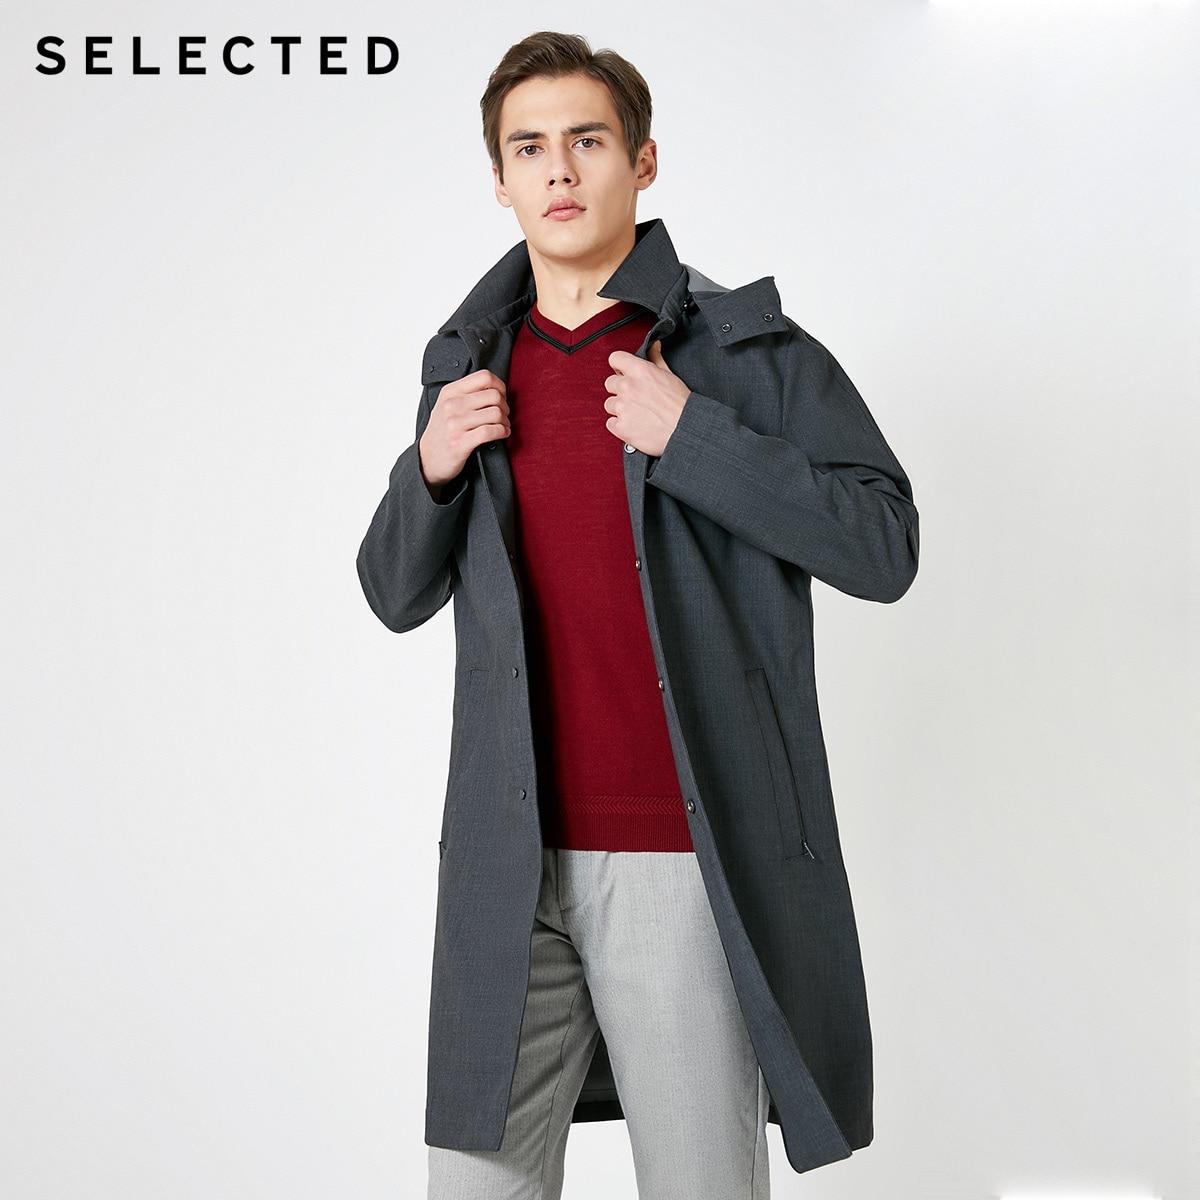 SELECTED Men's Spring 100% Wool Medium Length Hooded Wind Coat T|4191OM534